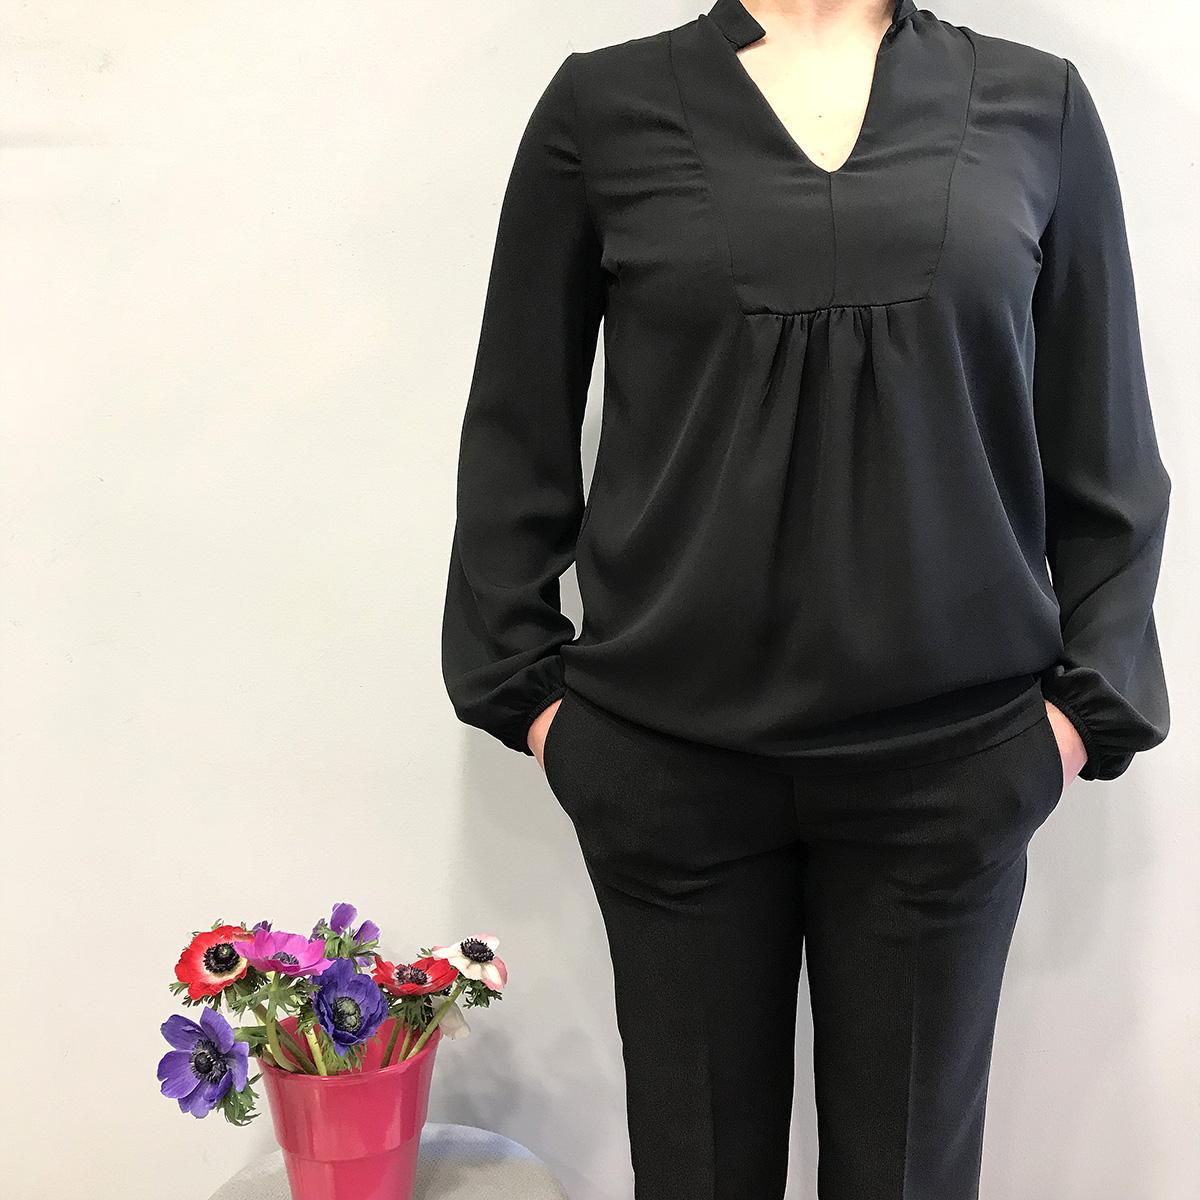 casacca-namibia-pepe-rosa-collezione-SS19-abbigliamento-donna-Crazy-Art-Torino